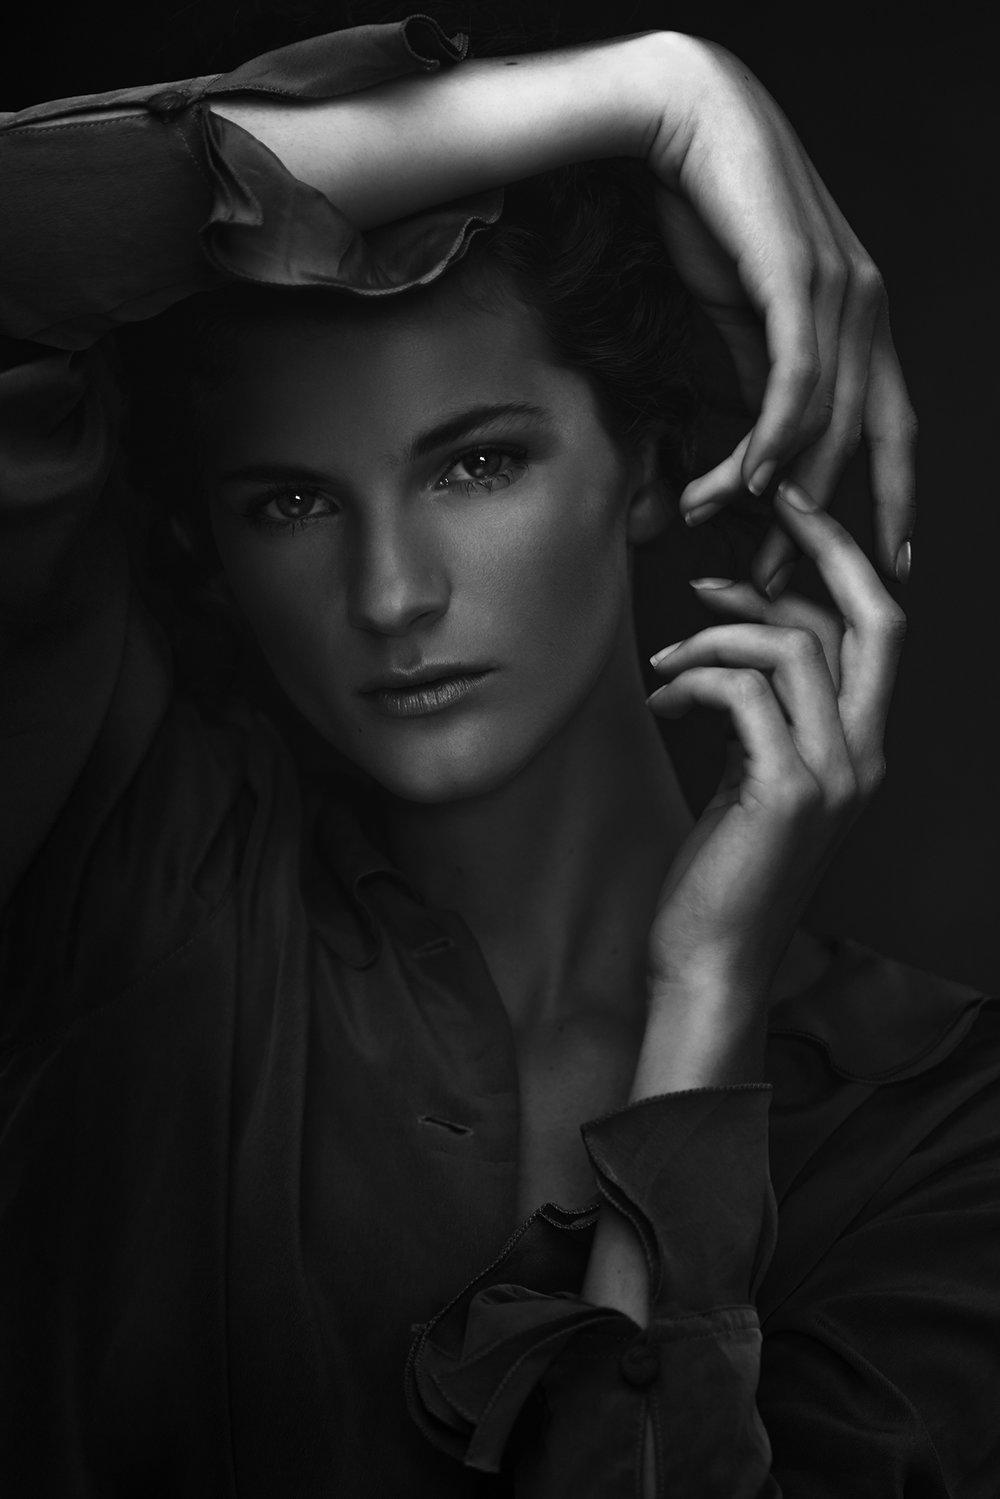 Black & white shadow play